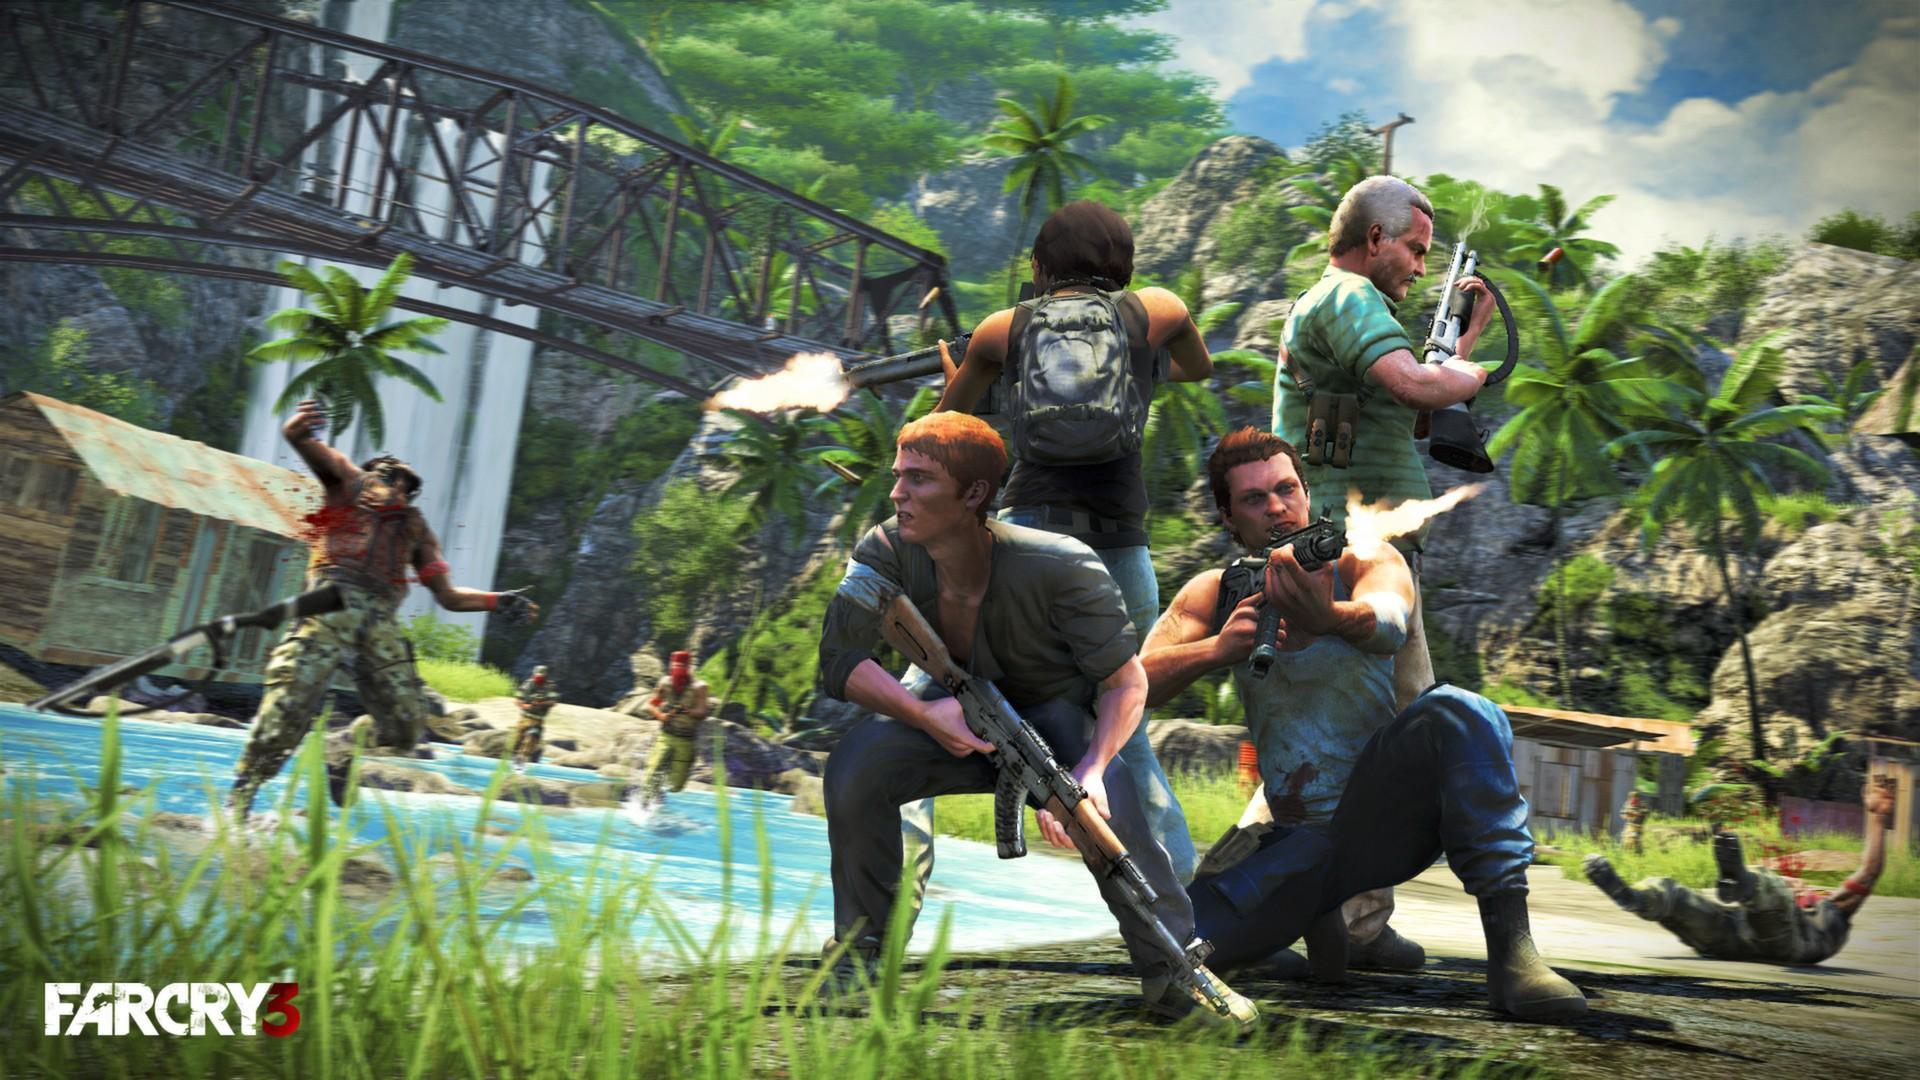 Far cry 3 редактор карт как играть детские игровые аппараты на реализацию